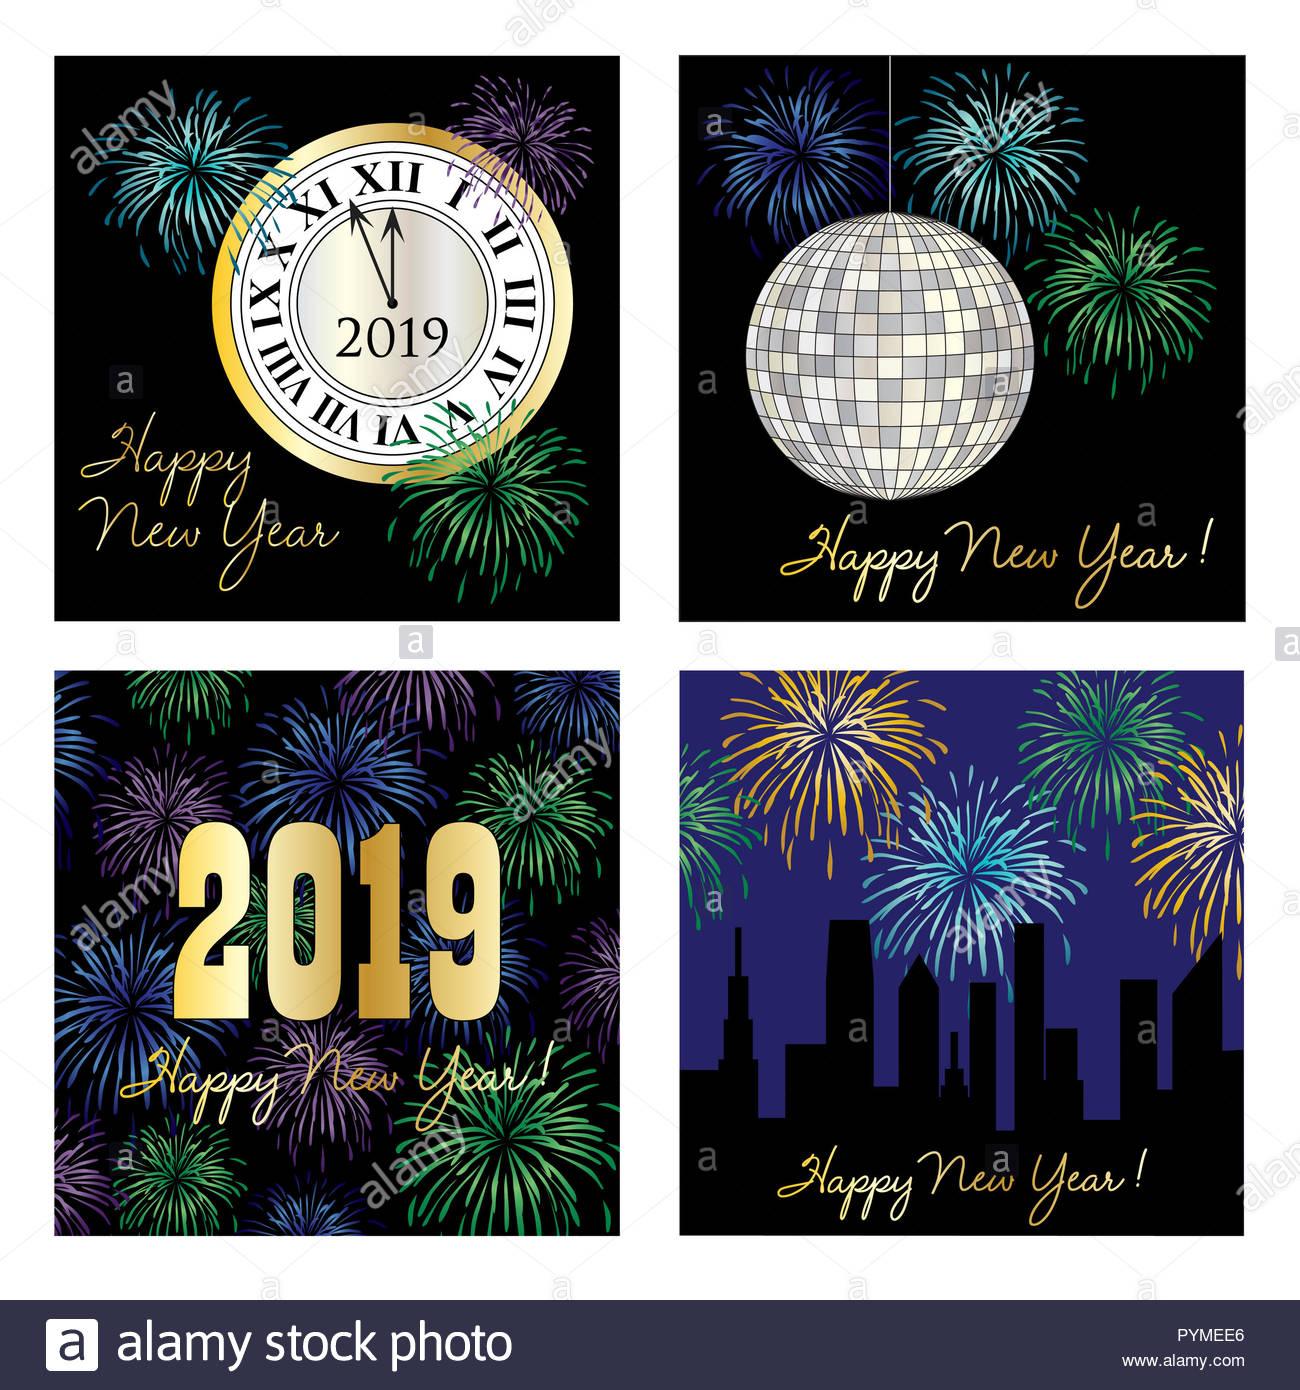 Silvester 2019 square Vektorgrafiken Stockbild